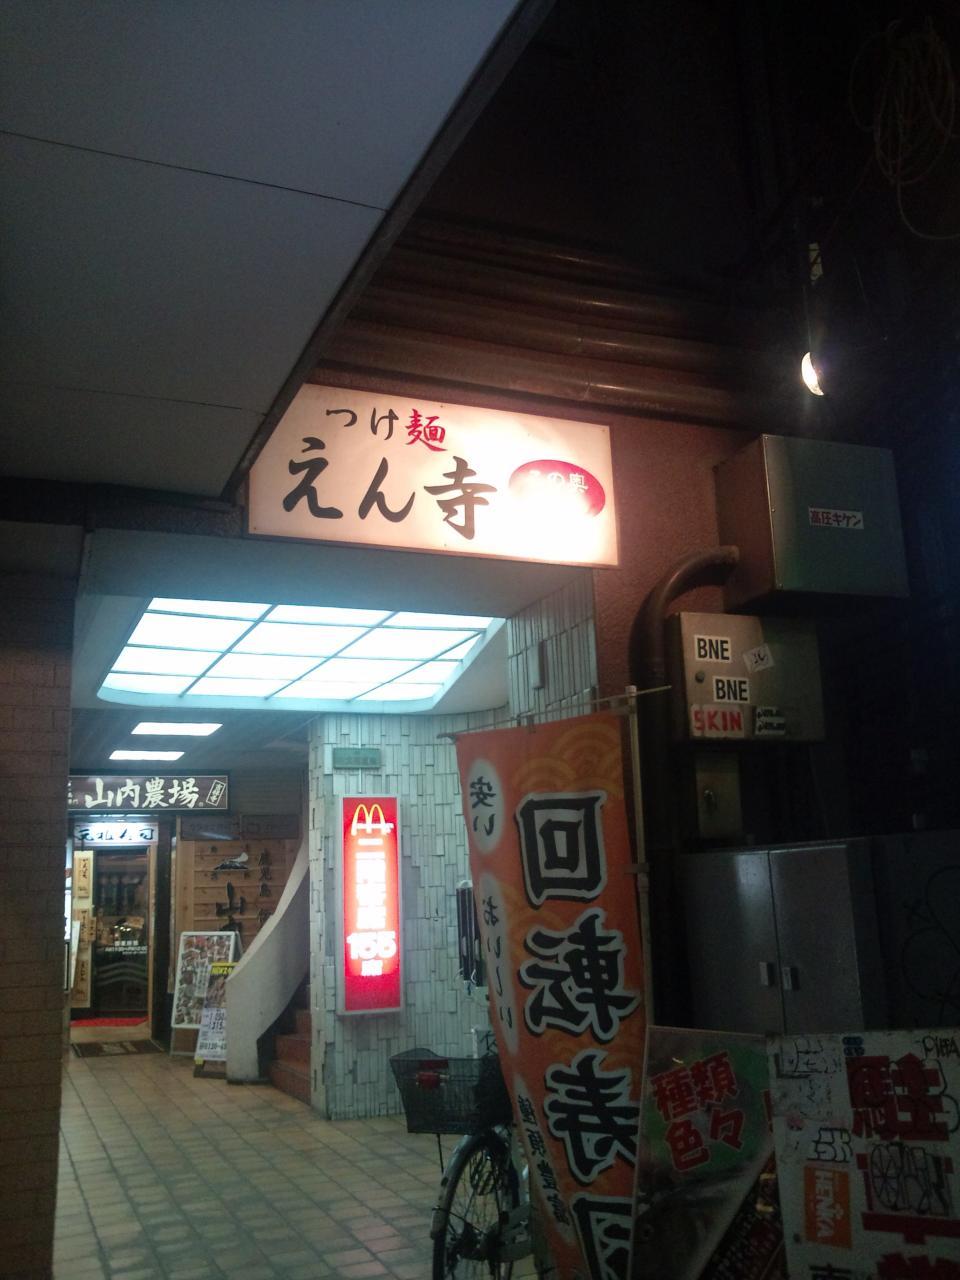 つけ麺えん寺吉祥寺総本店(店舗外観)